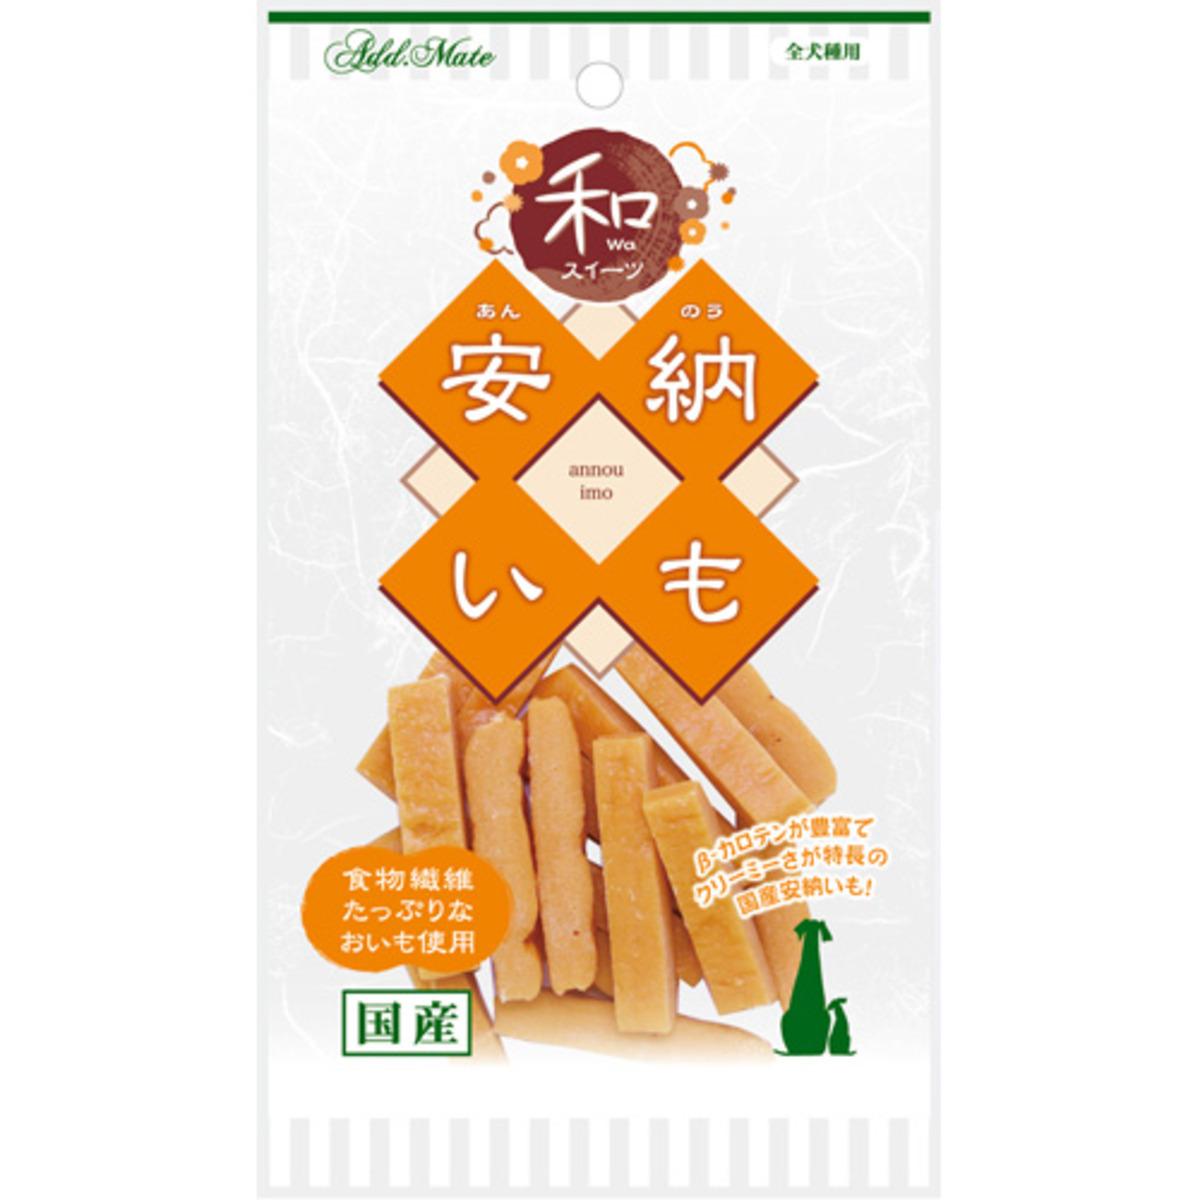 狗小食日本甘薯條(安納紅)(A12747)